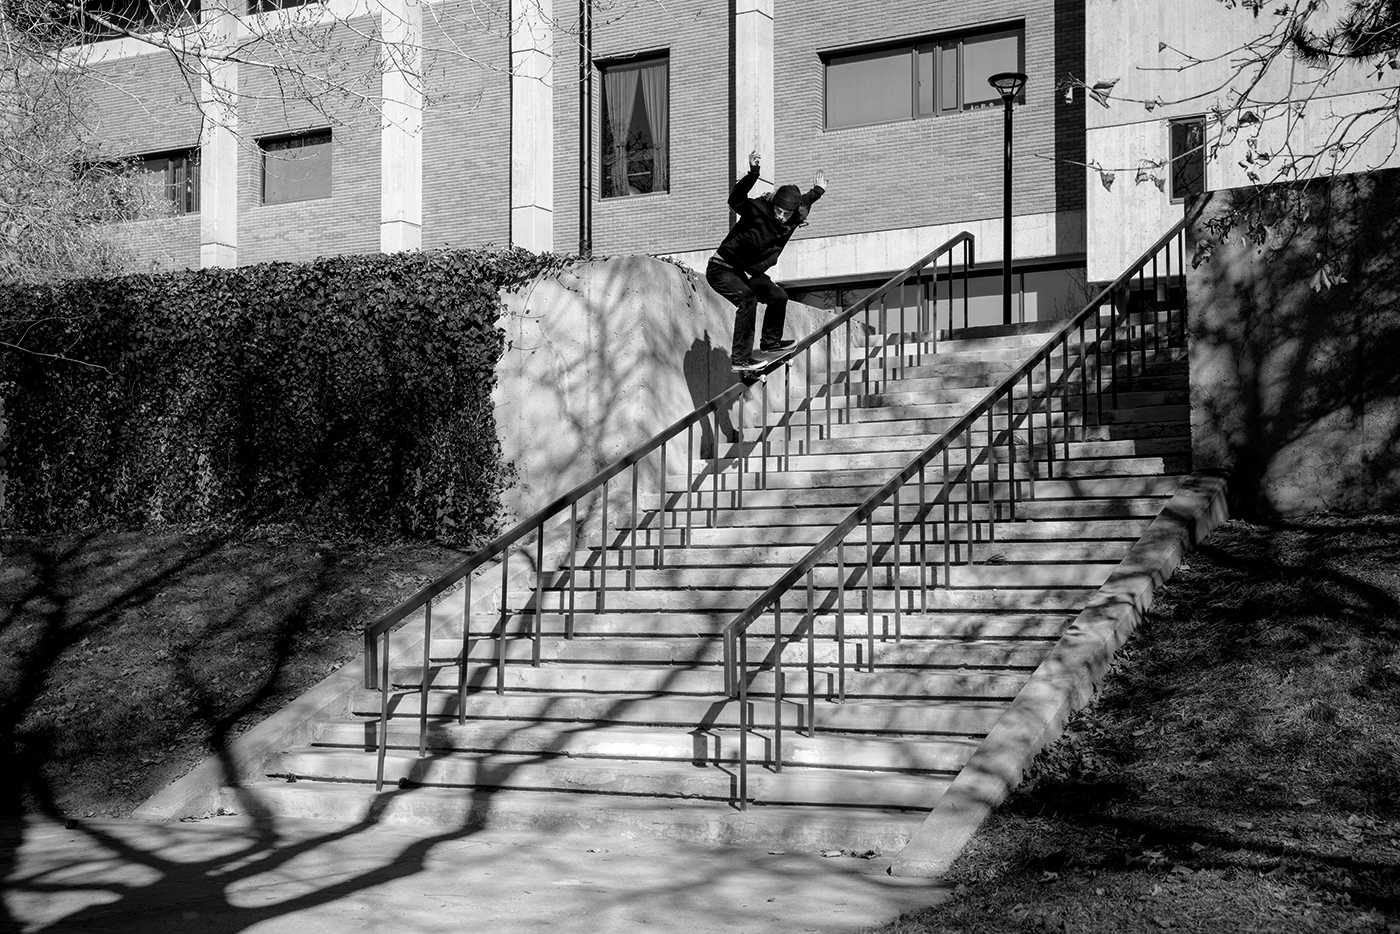 Christian Bourne – Backside 50-50 – SLC, Utah